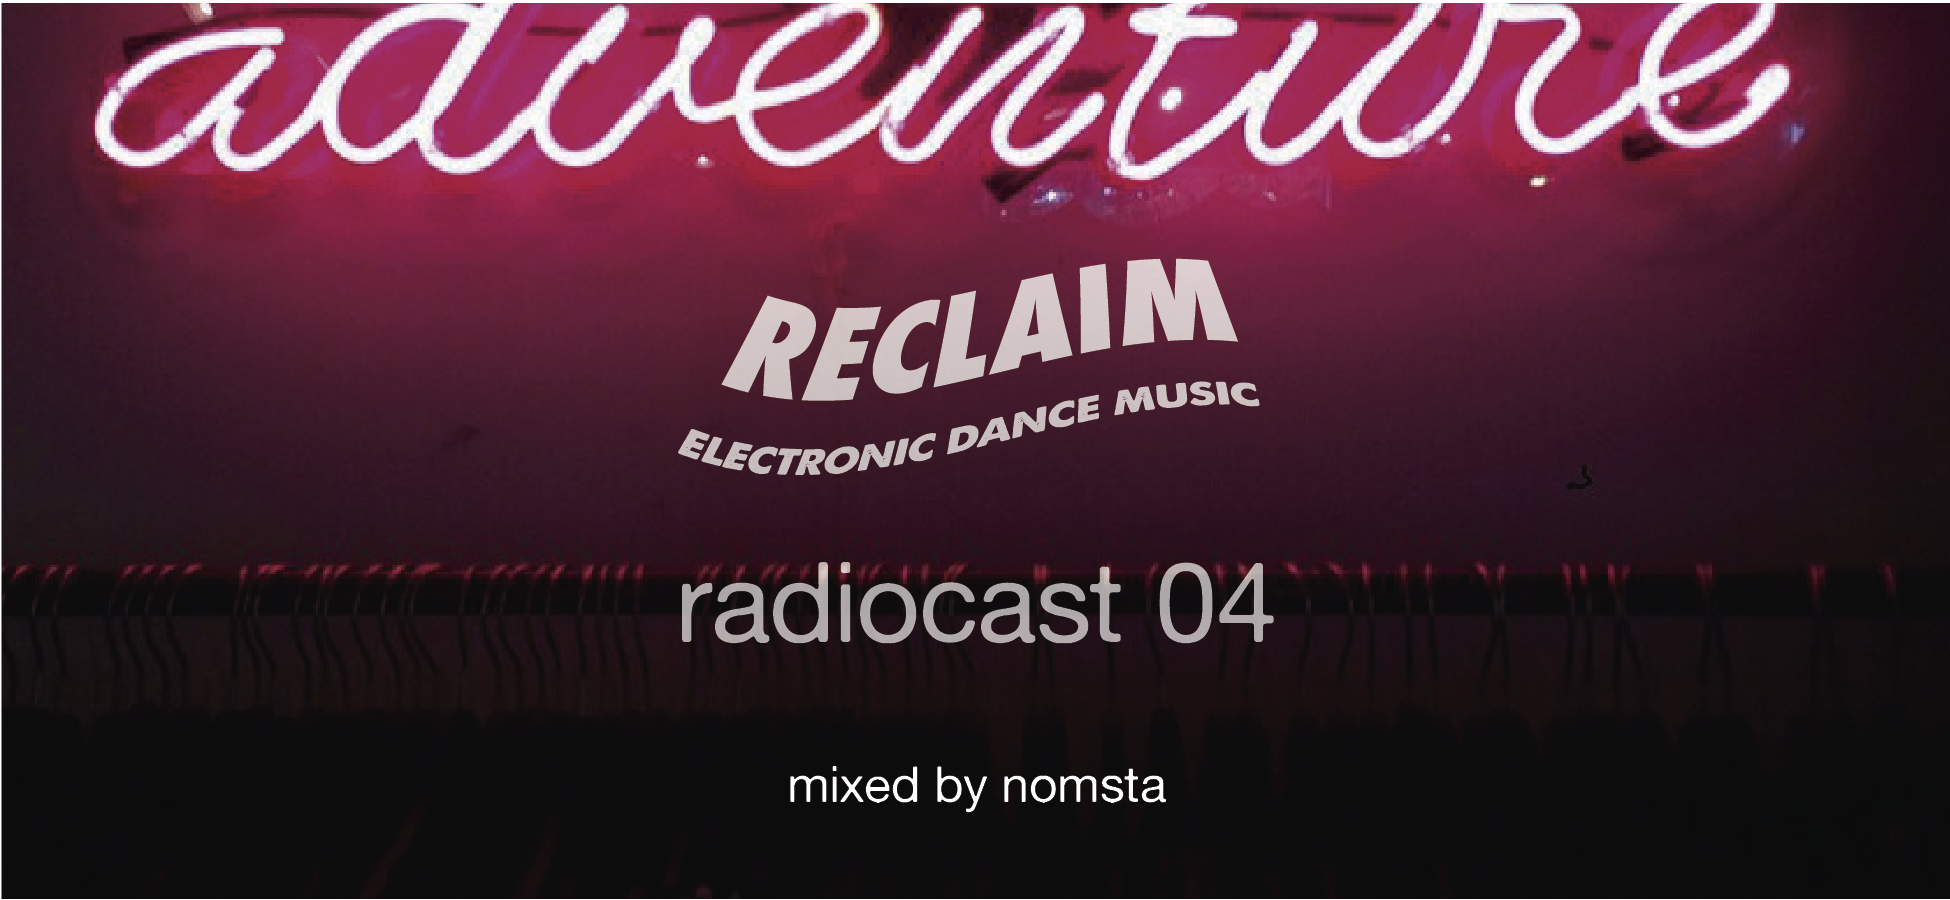 #ReclaimEDM Radiocast 04